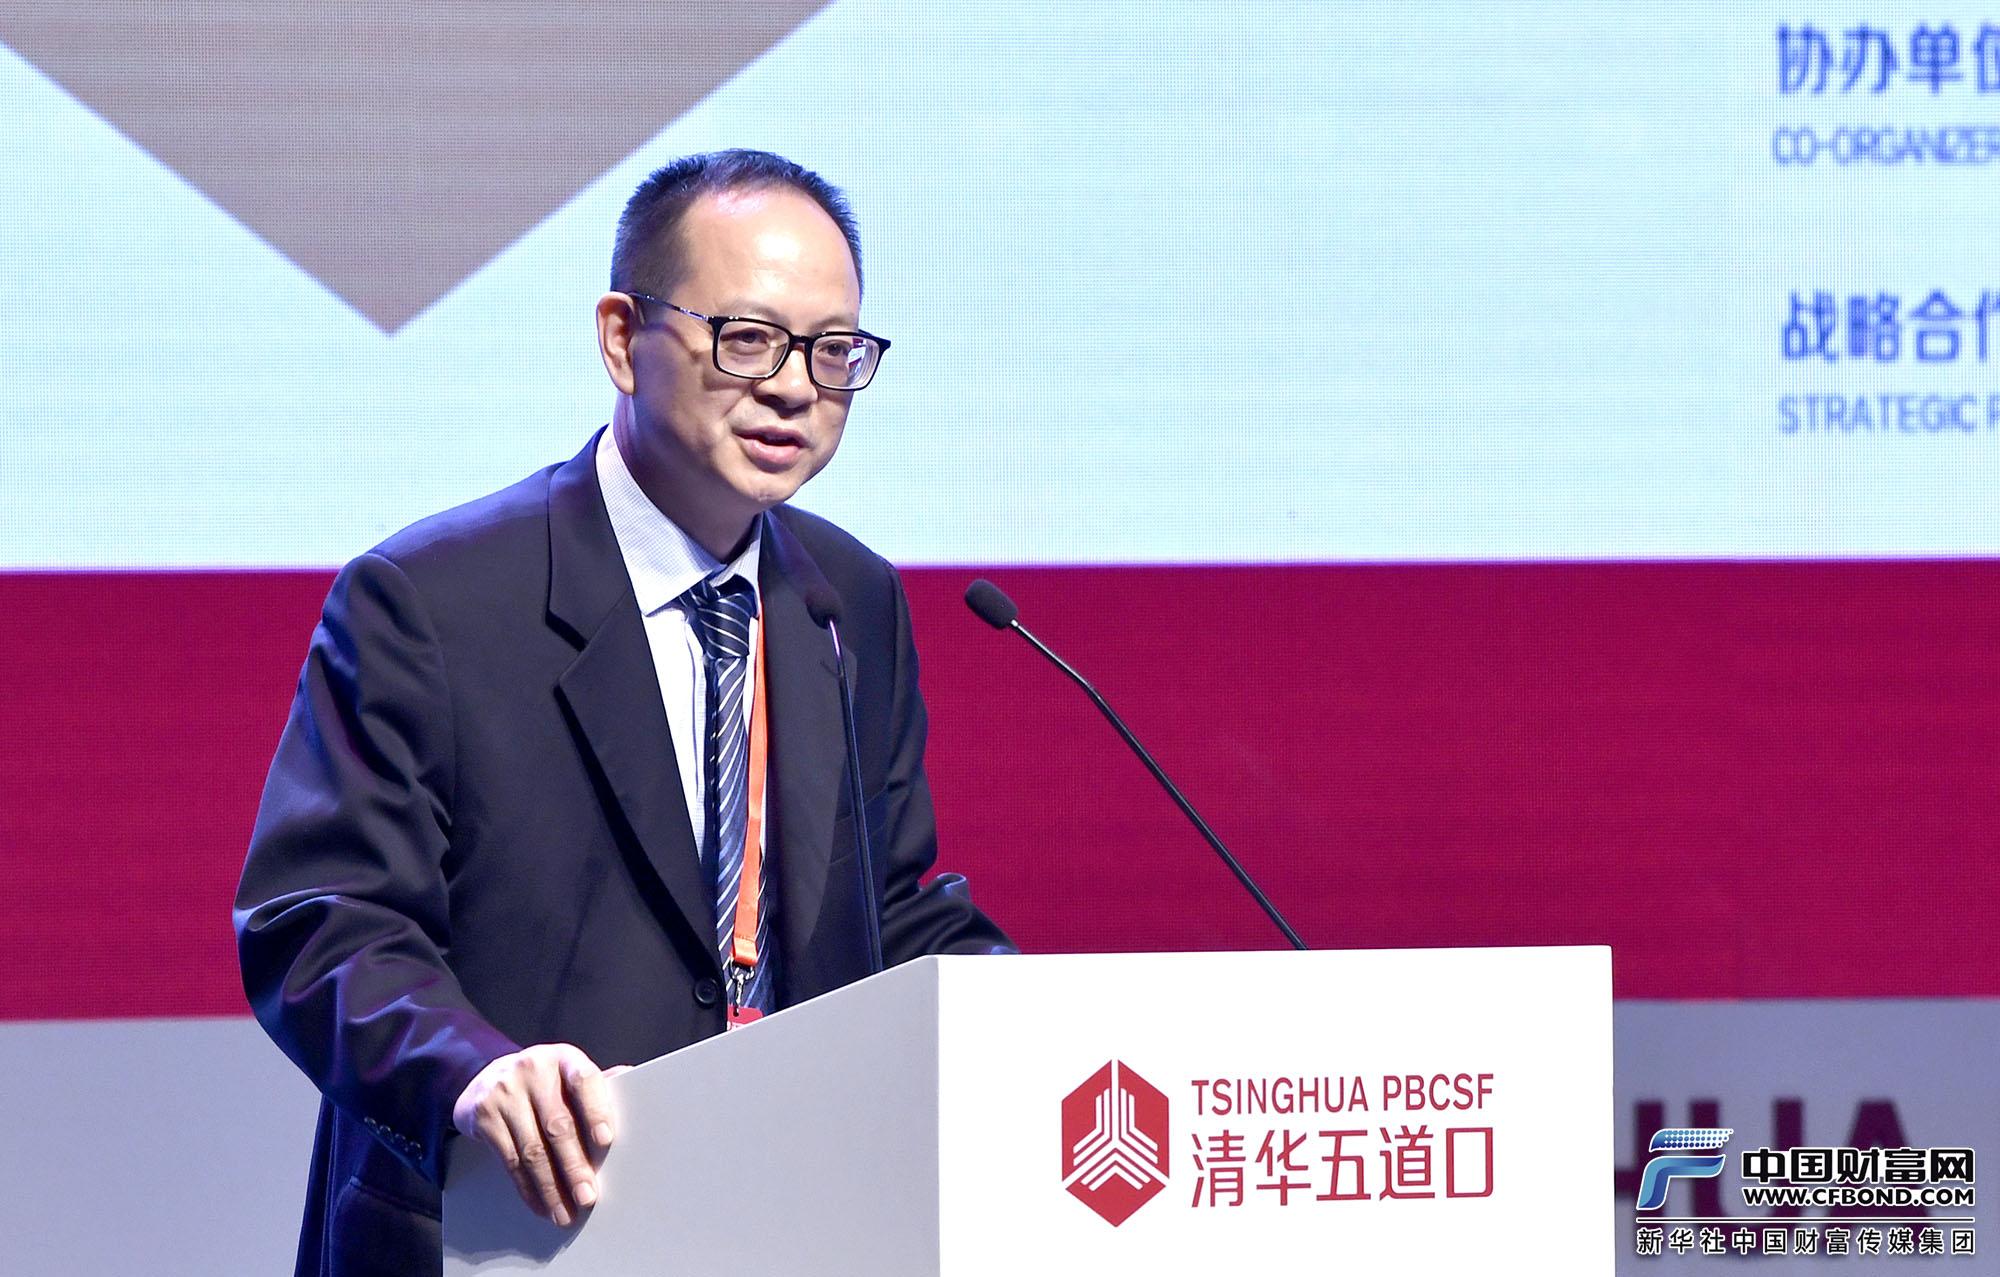 杨列勋:金融科技是把双刃剑